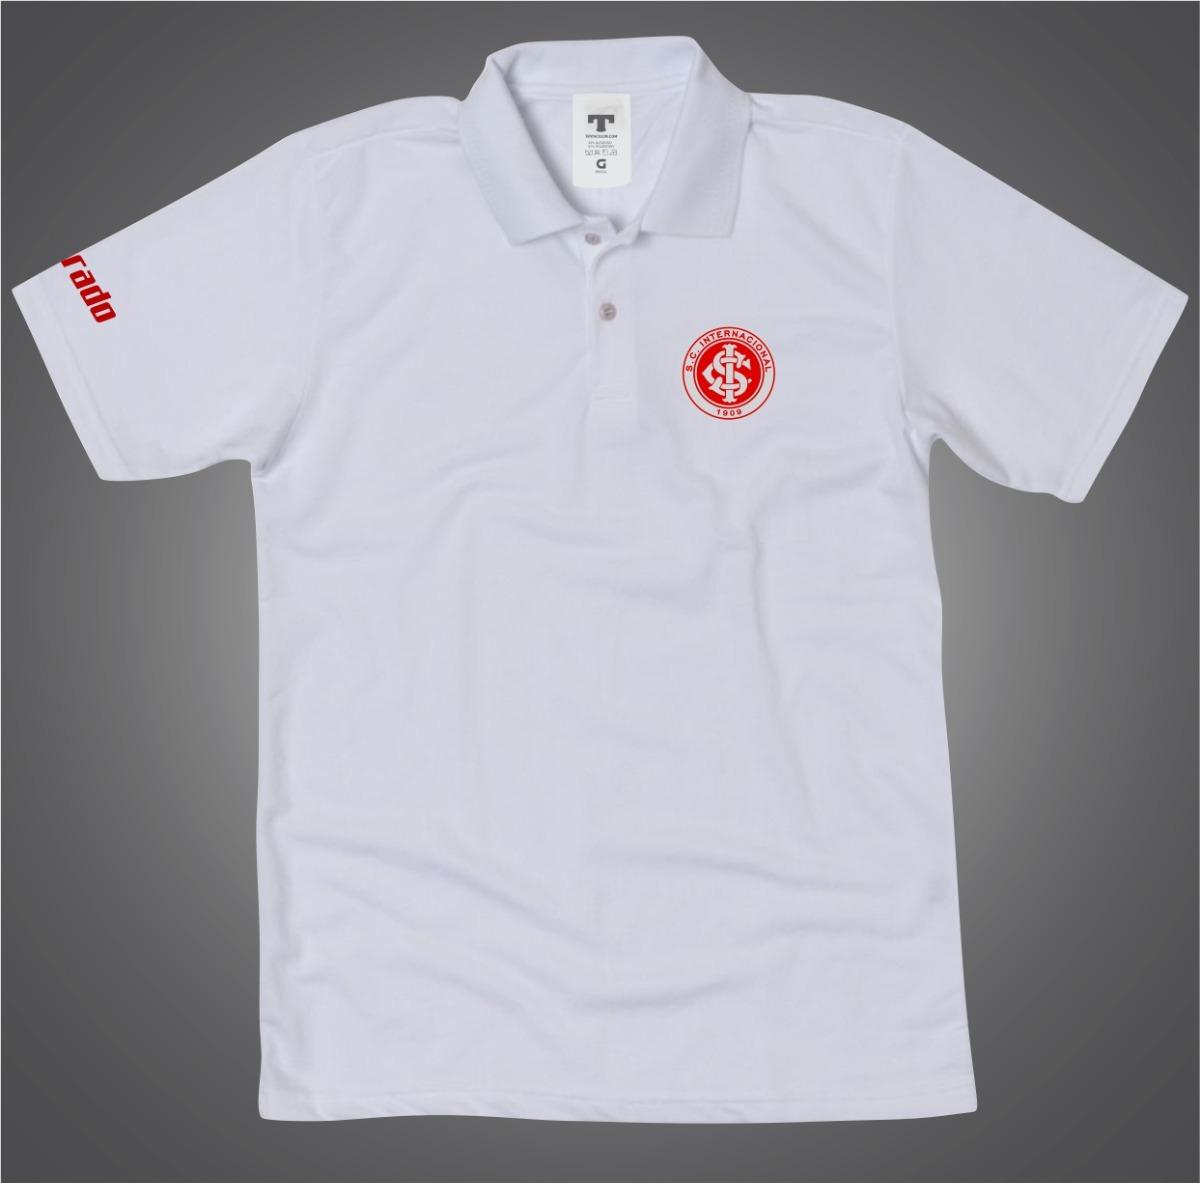 camisa camiseta inter gola polo torcedor do internacional. Carregando zoom. 67da27f112706